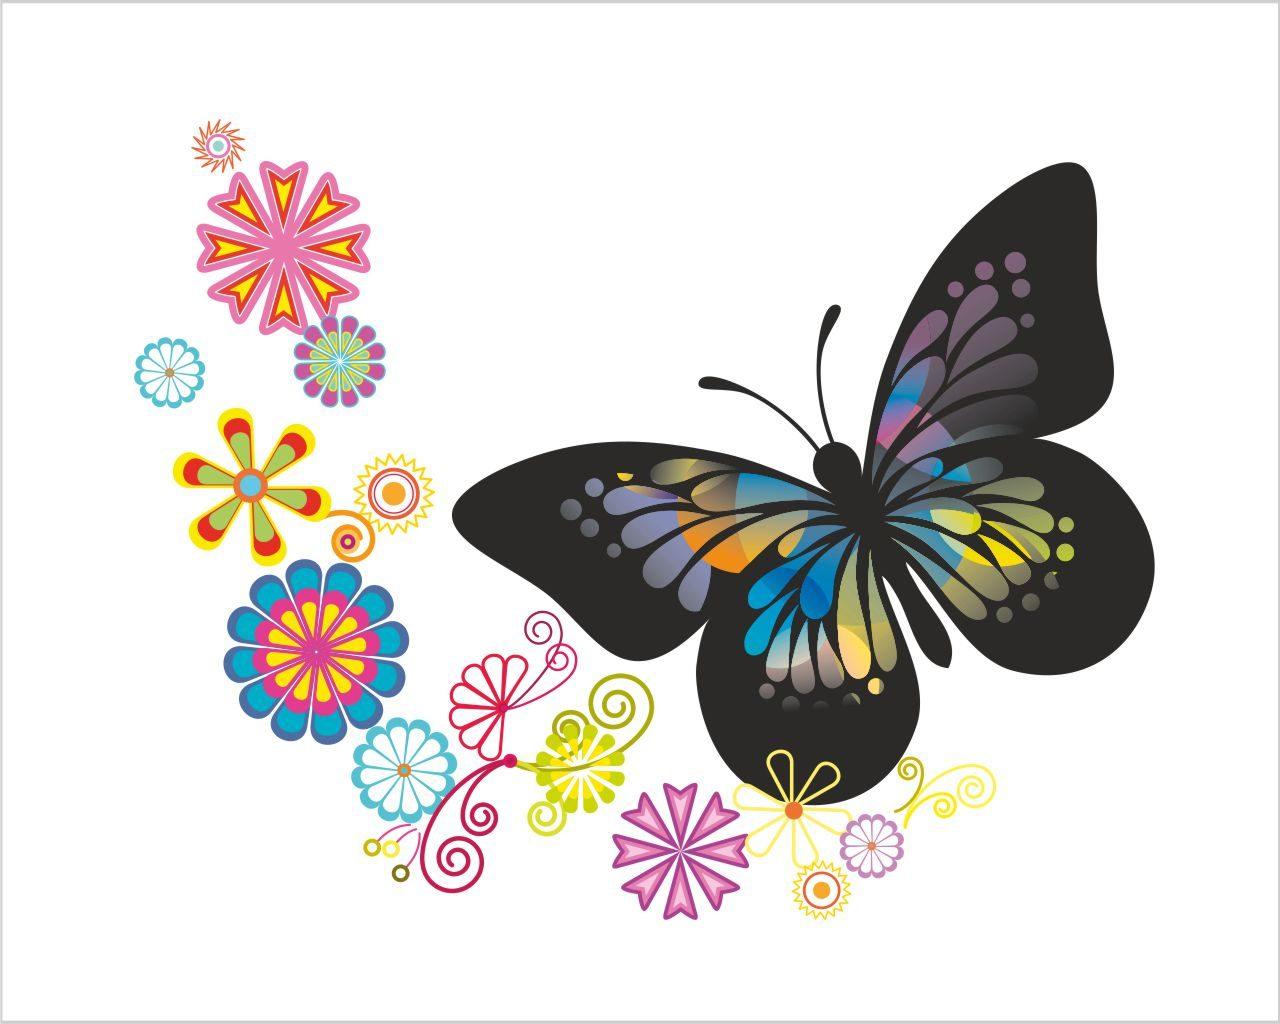 Disegni con farfalla animali adesivo murale for Farfalle decorative per muri